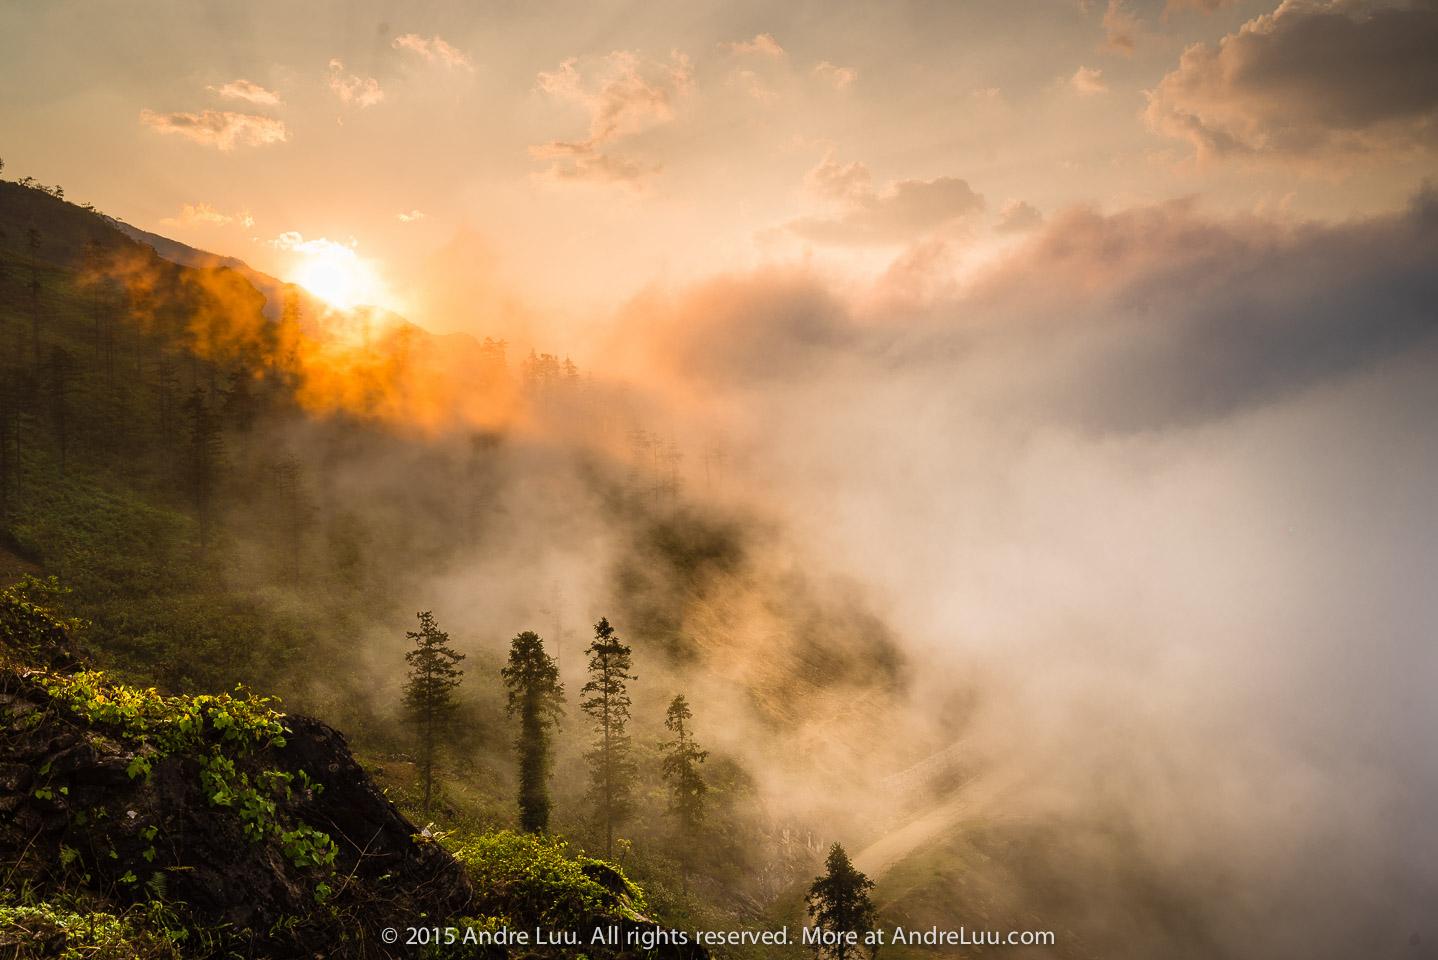 Bình minh lên và sương mù trắng núi